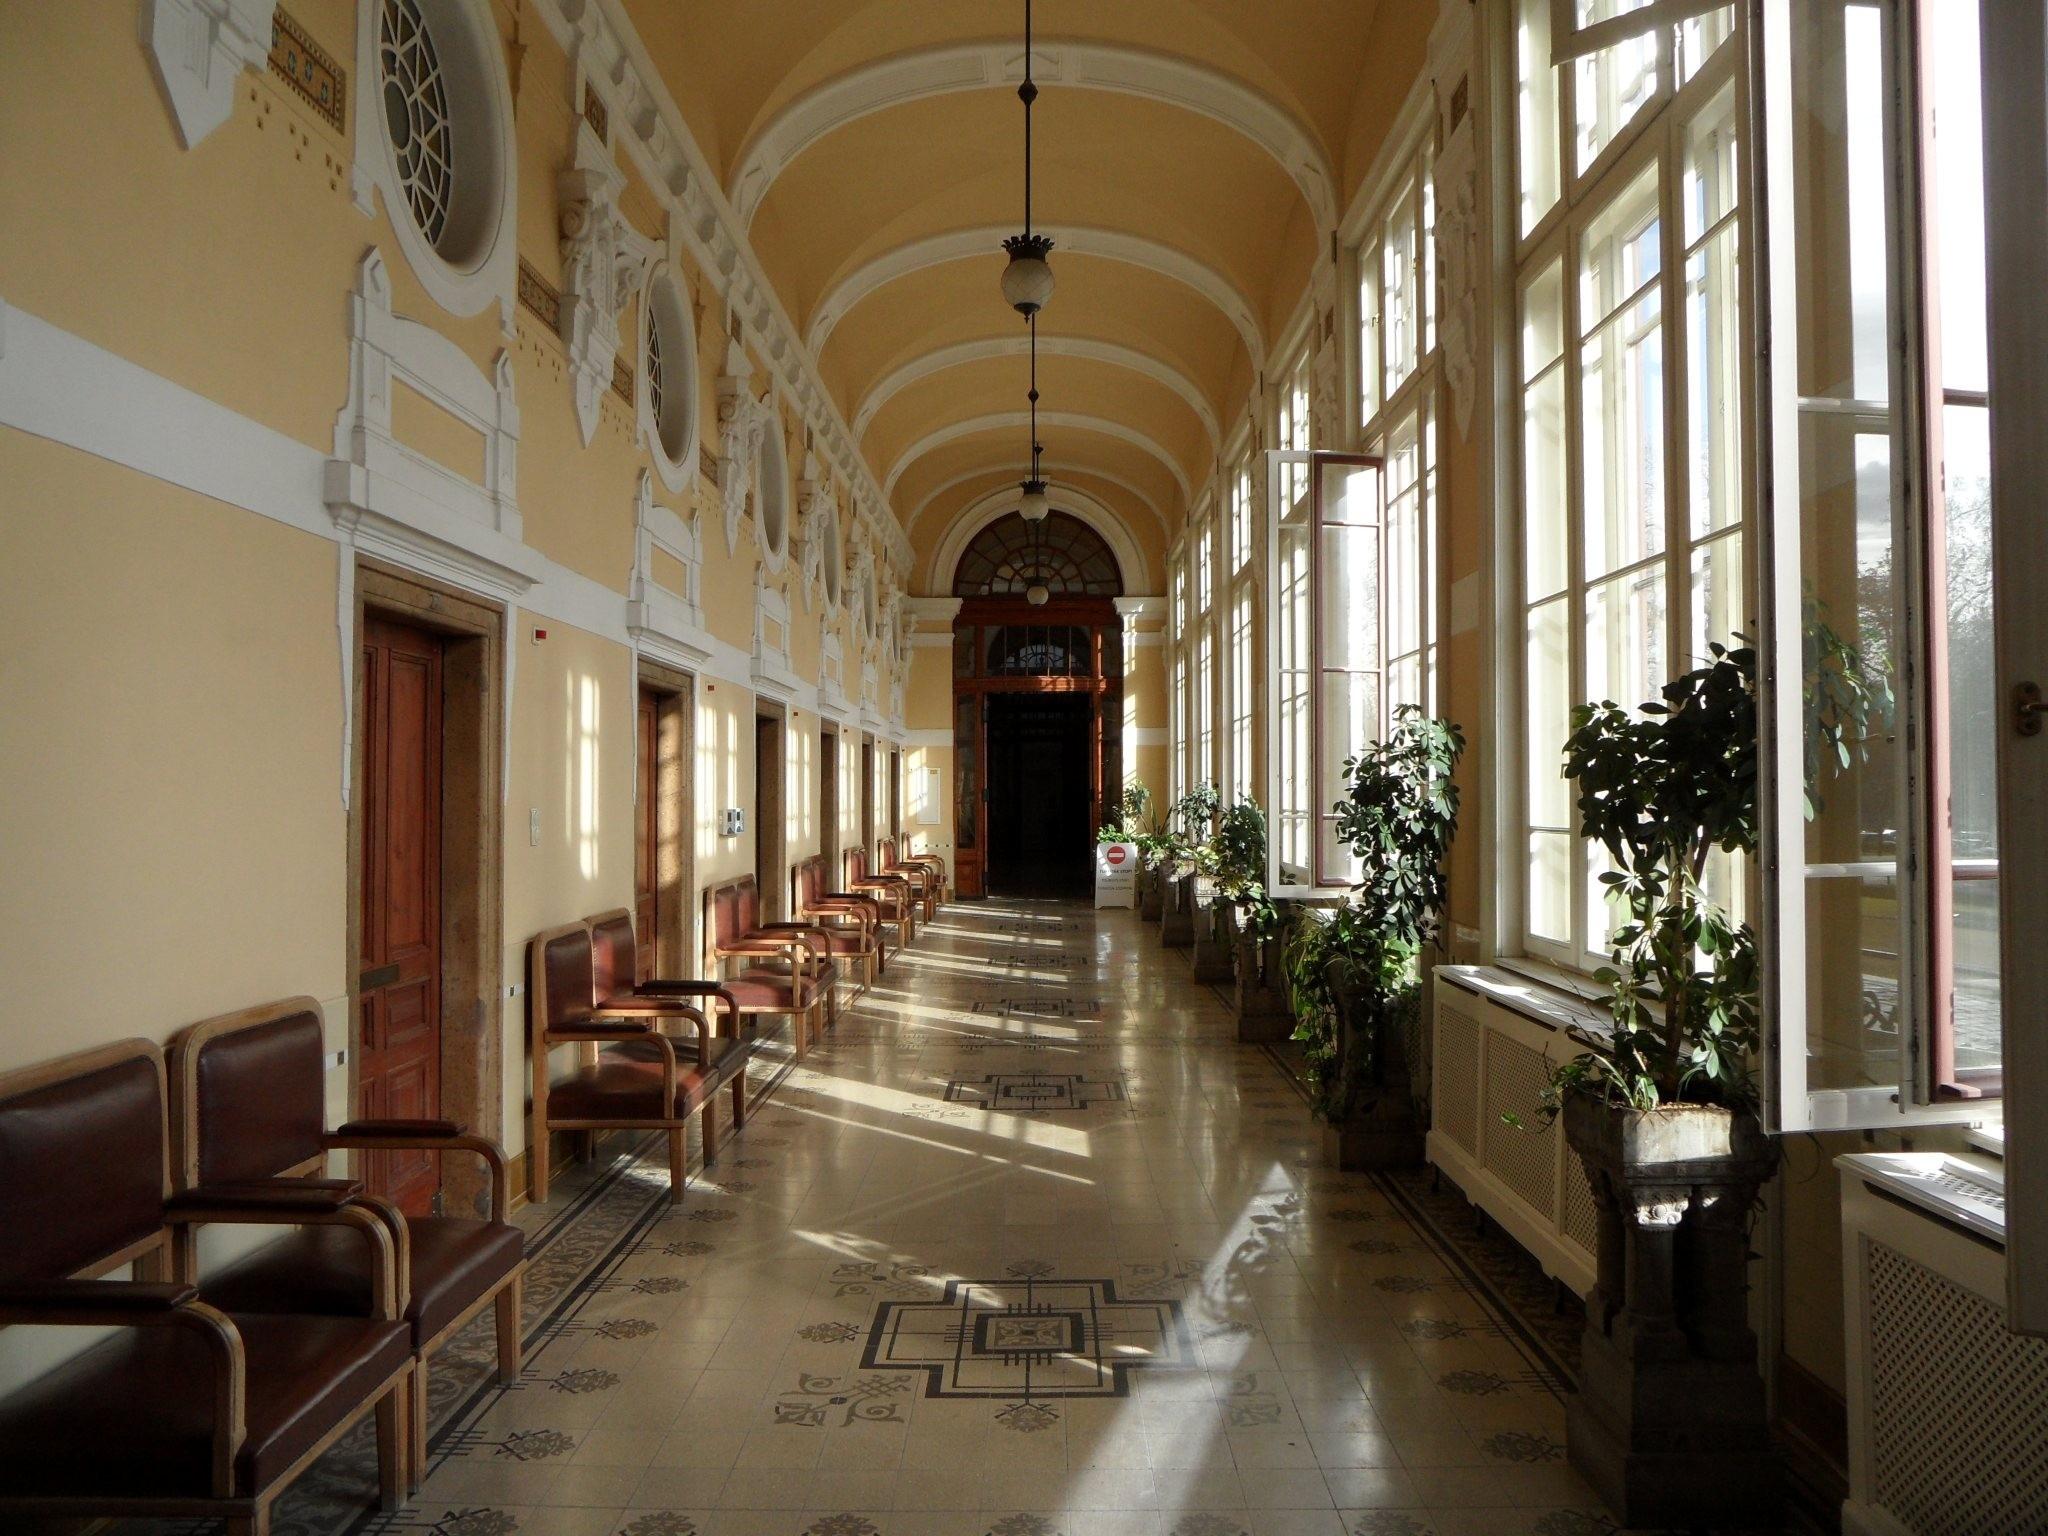 Innenarchitektur Halle kostenlose foto die architektur gebäude palast halle